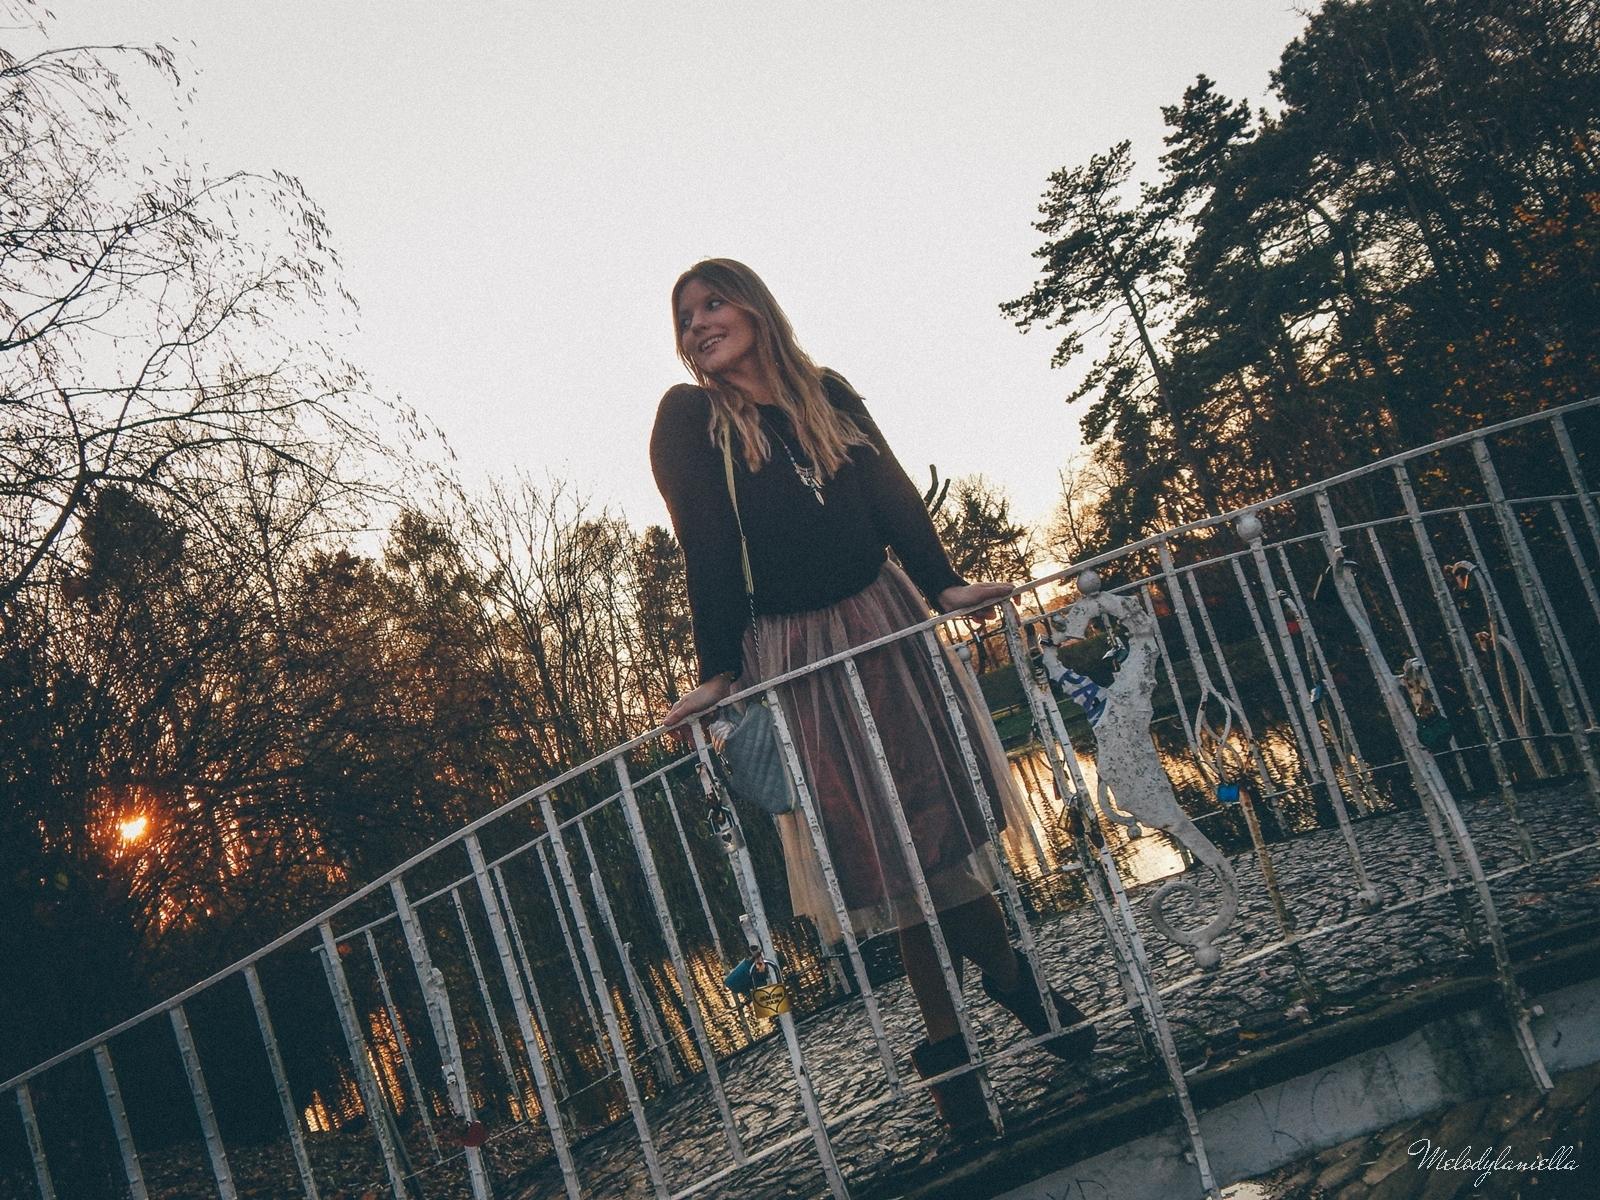 14. jesienna stylizacja tutu tiulowa spódnica dla dorosłych brązowy sweter torebka manzana melodylaniella autumn style fashion ciekawa stylizacja na jesień brązowa spódnica